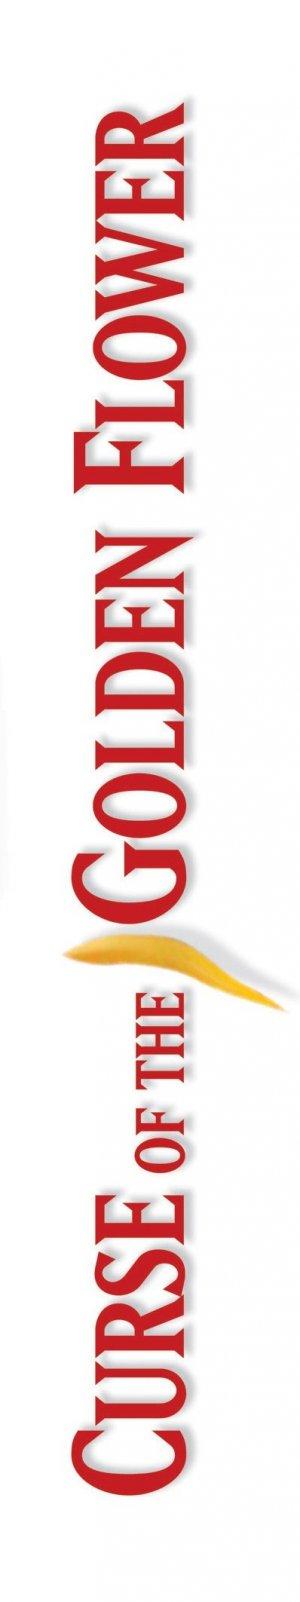 Der Fluch der goldenen Blume 398x2125